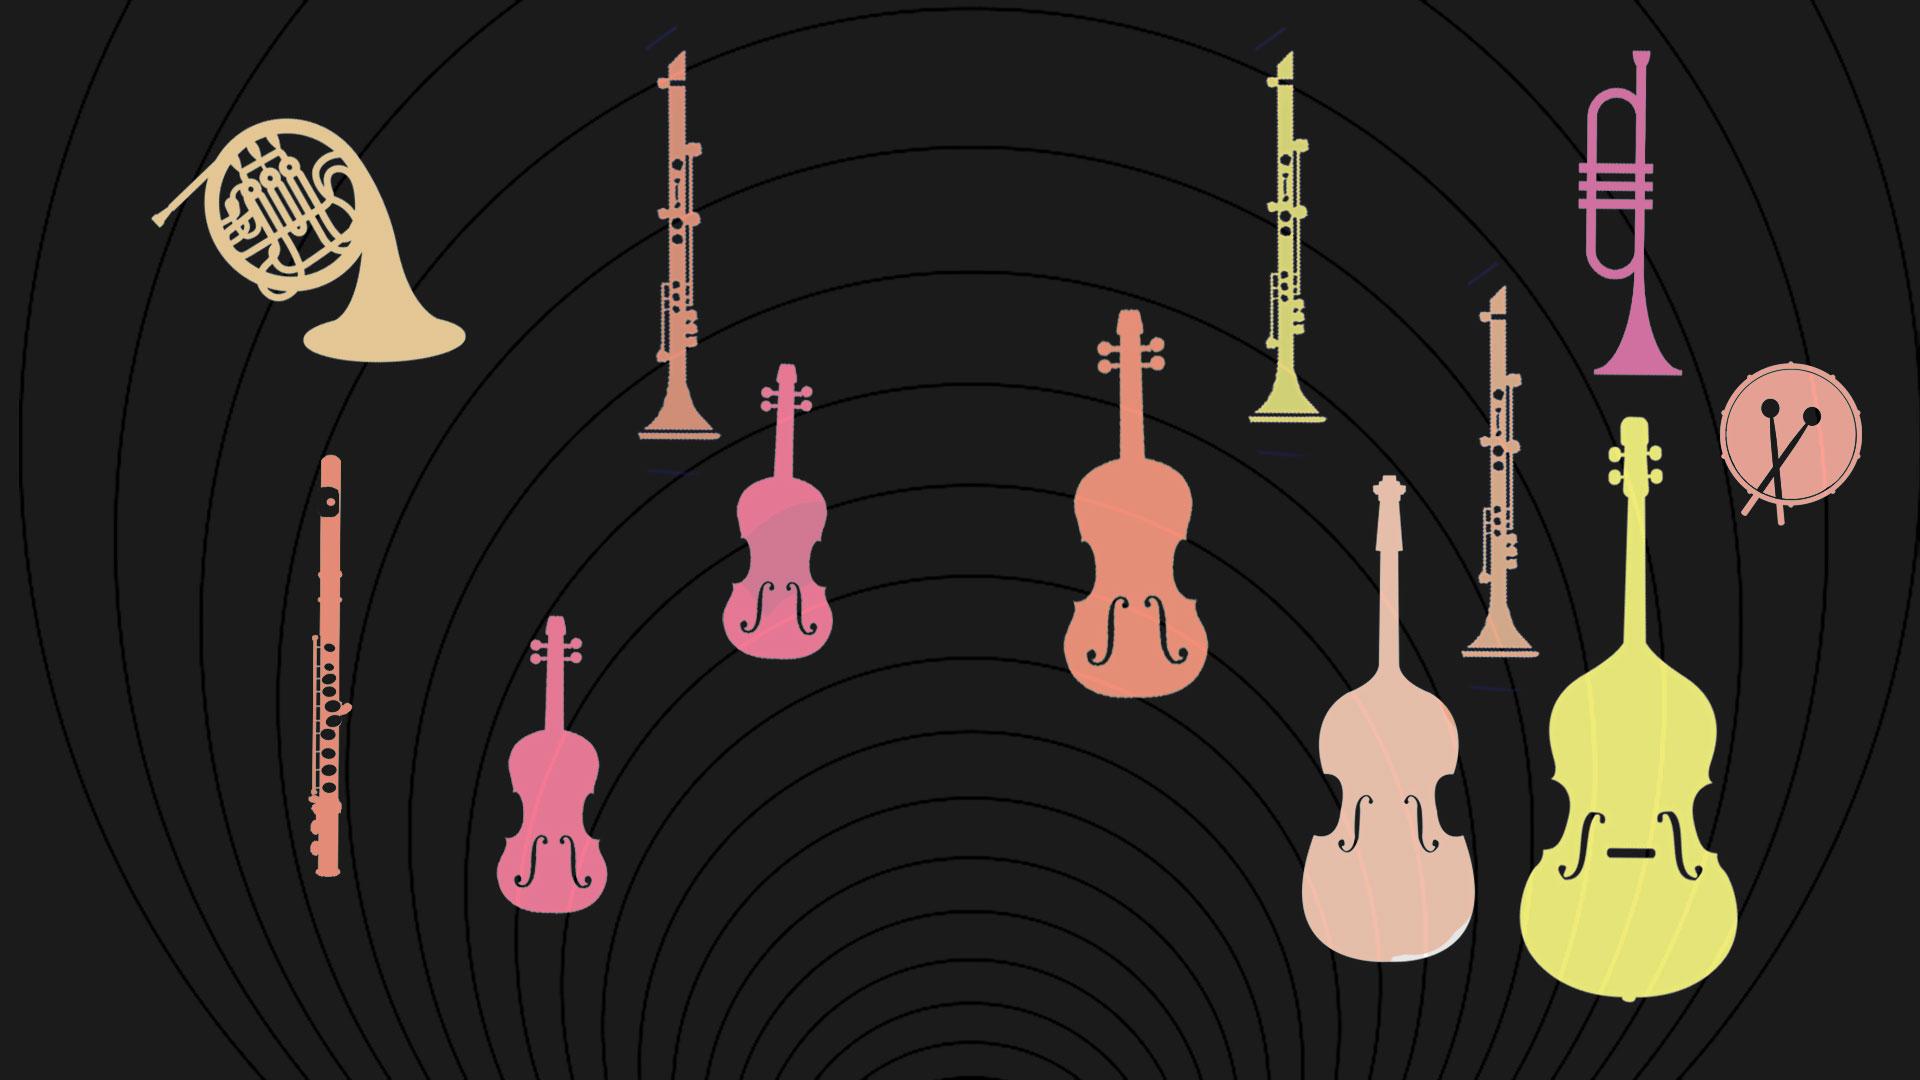 background_instruments.jpg